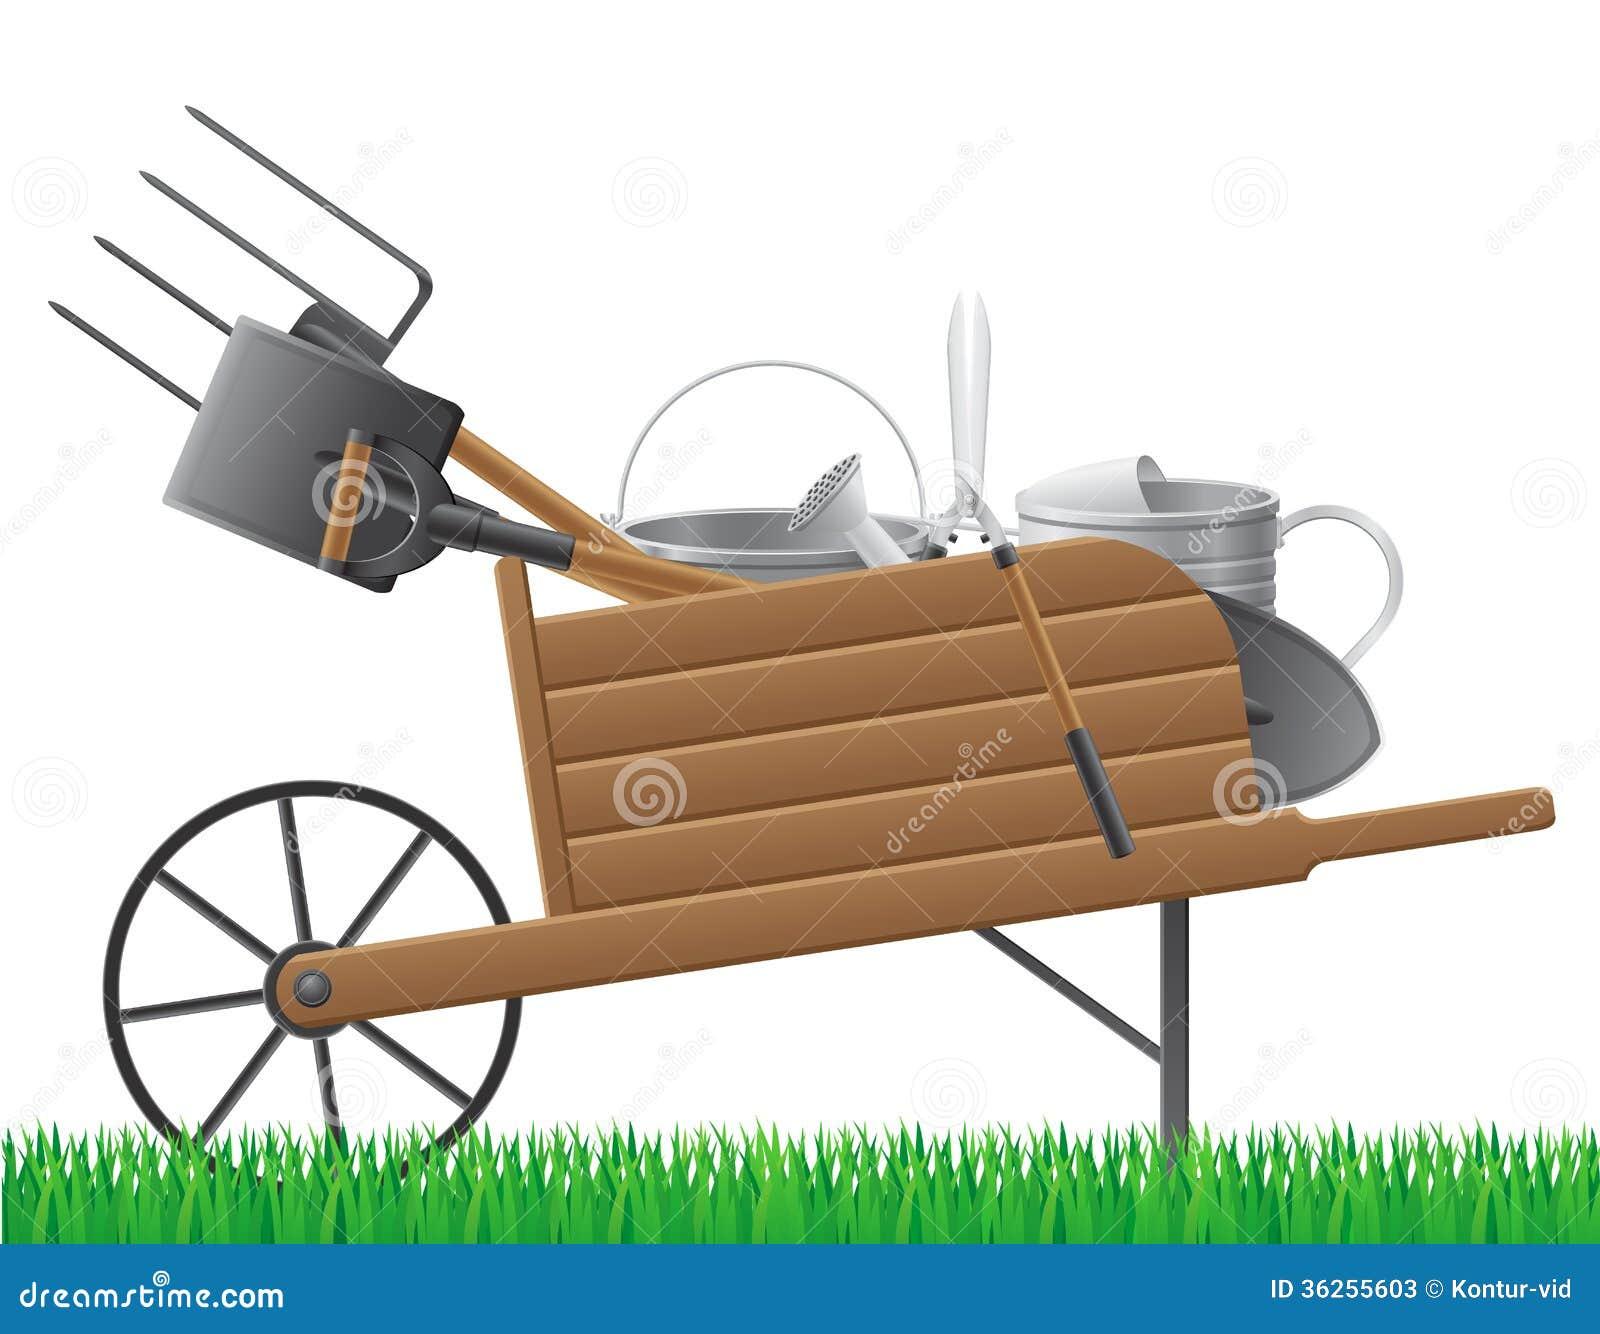 Wooden Old Retro Garden Wheelbarrow With Tool Vect Stock Vector ...